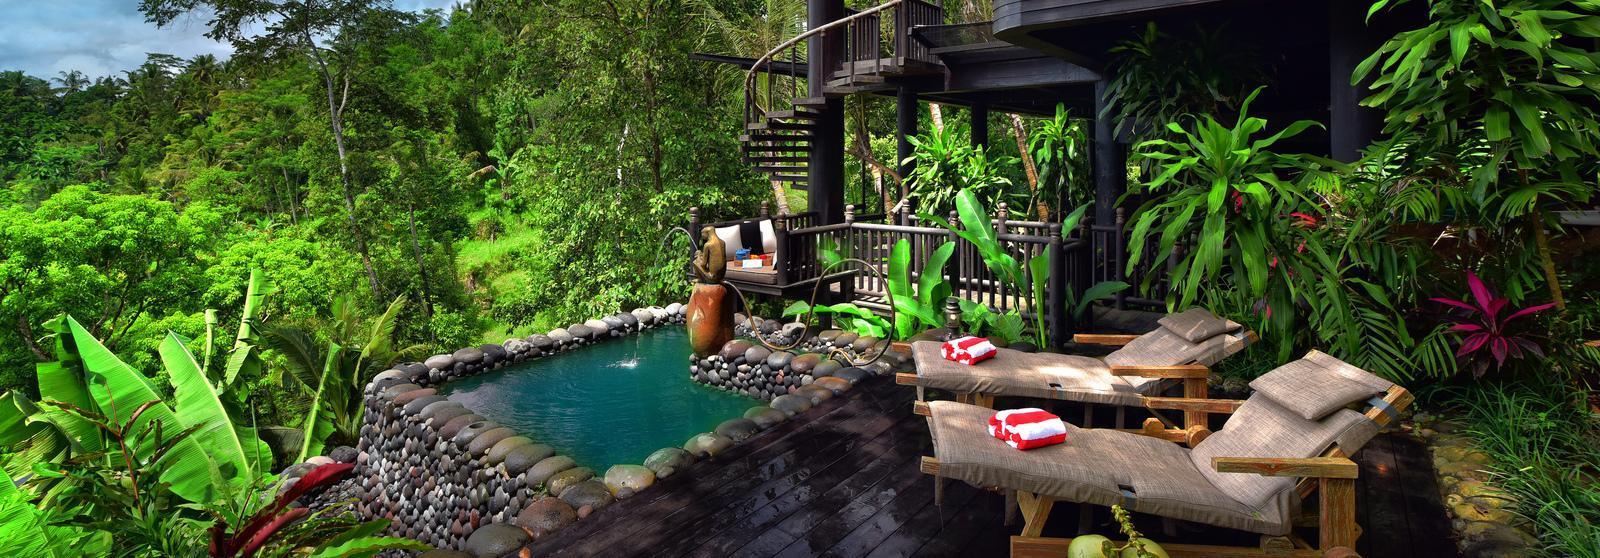 乌布嘉佩乐酒店(Capella Ubud)【 巴厘岛,印度尼西亚】 酒店  www.lhw.cn